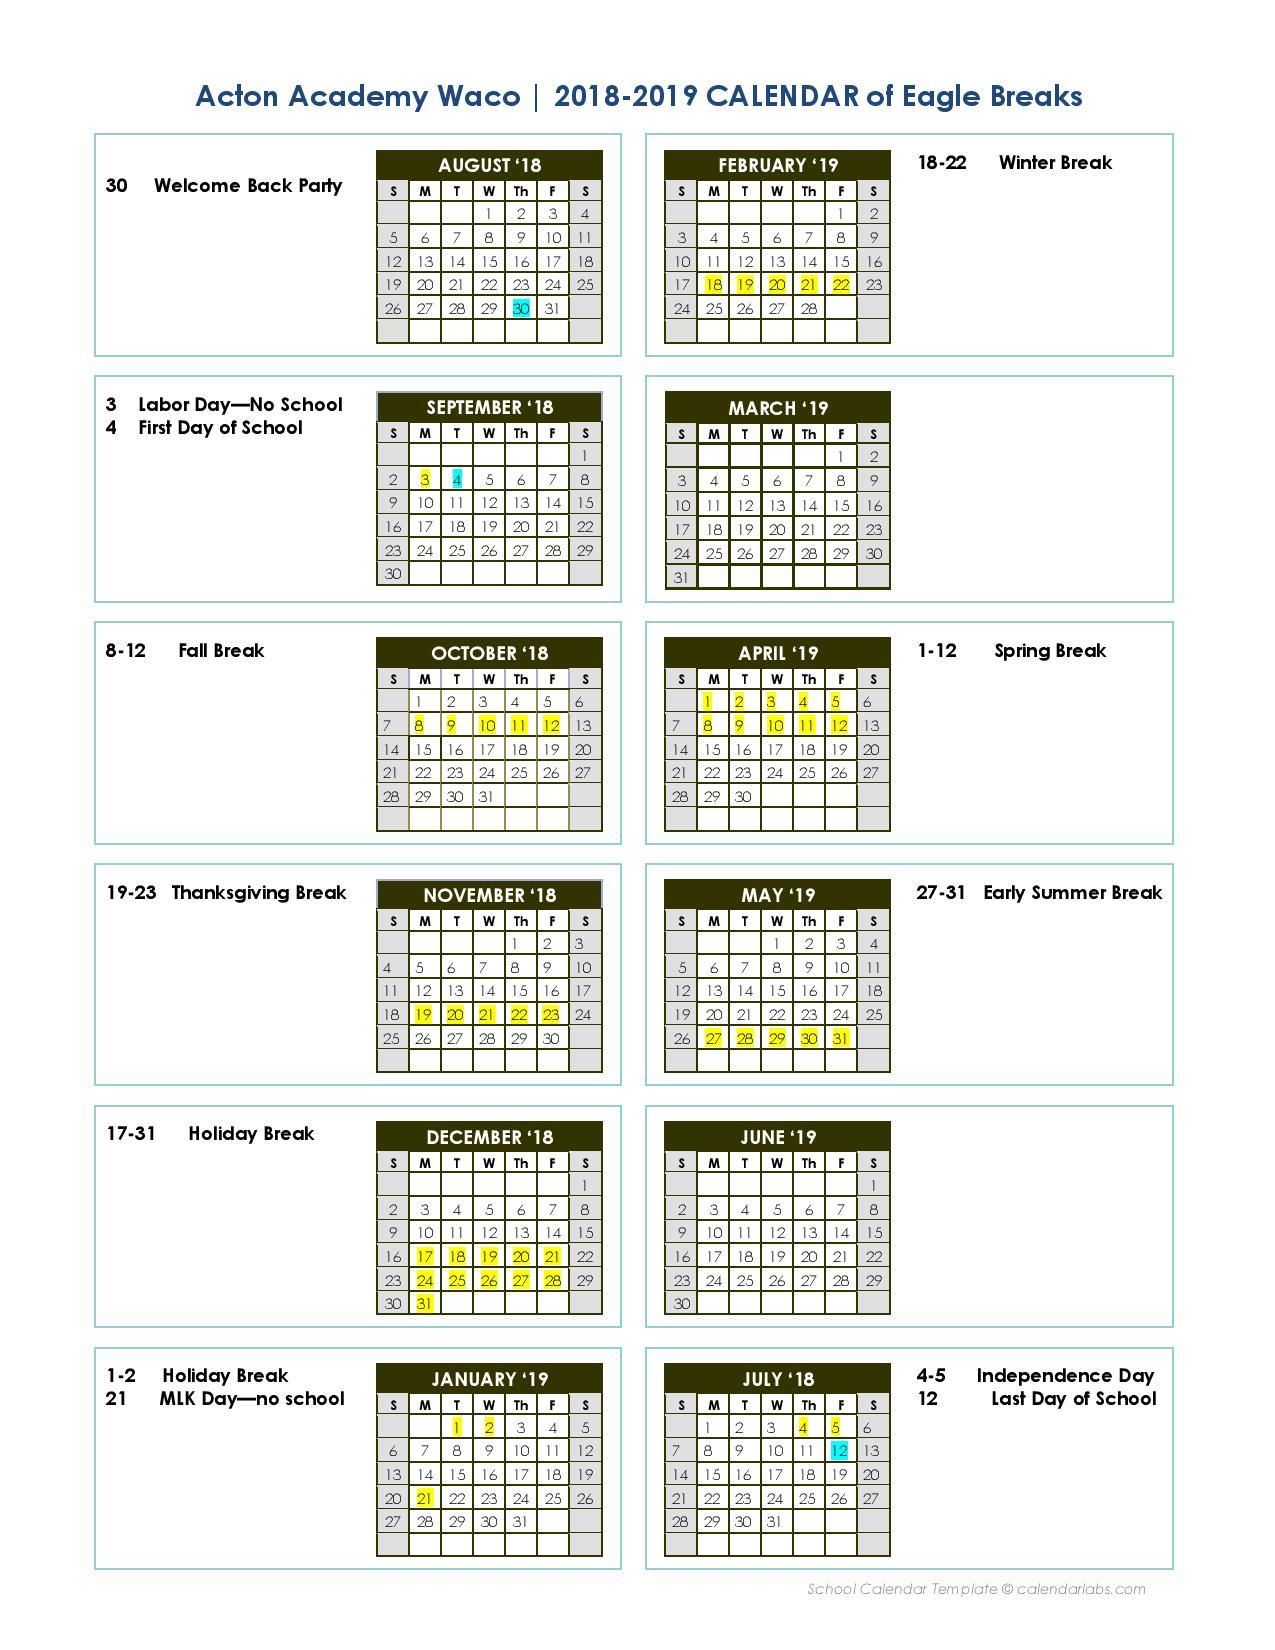 Calendar - Acton Academy Waco